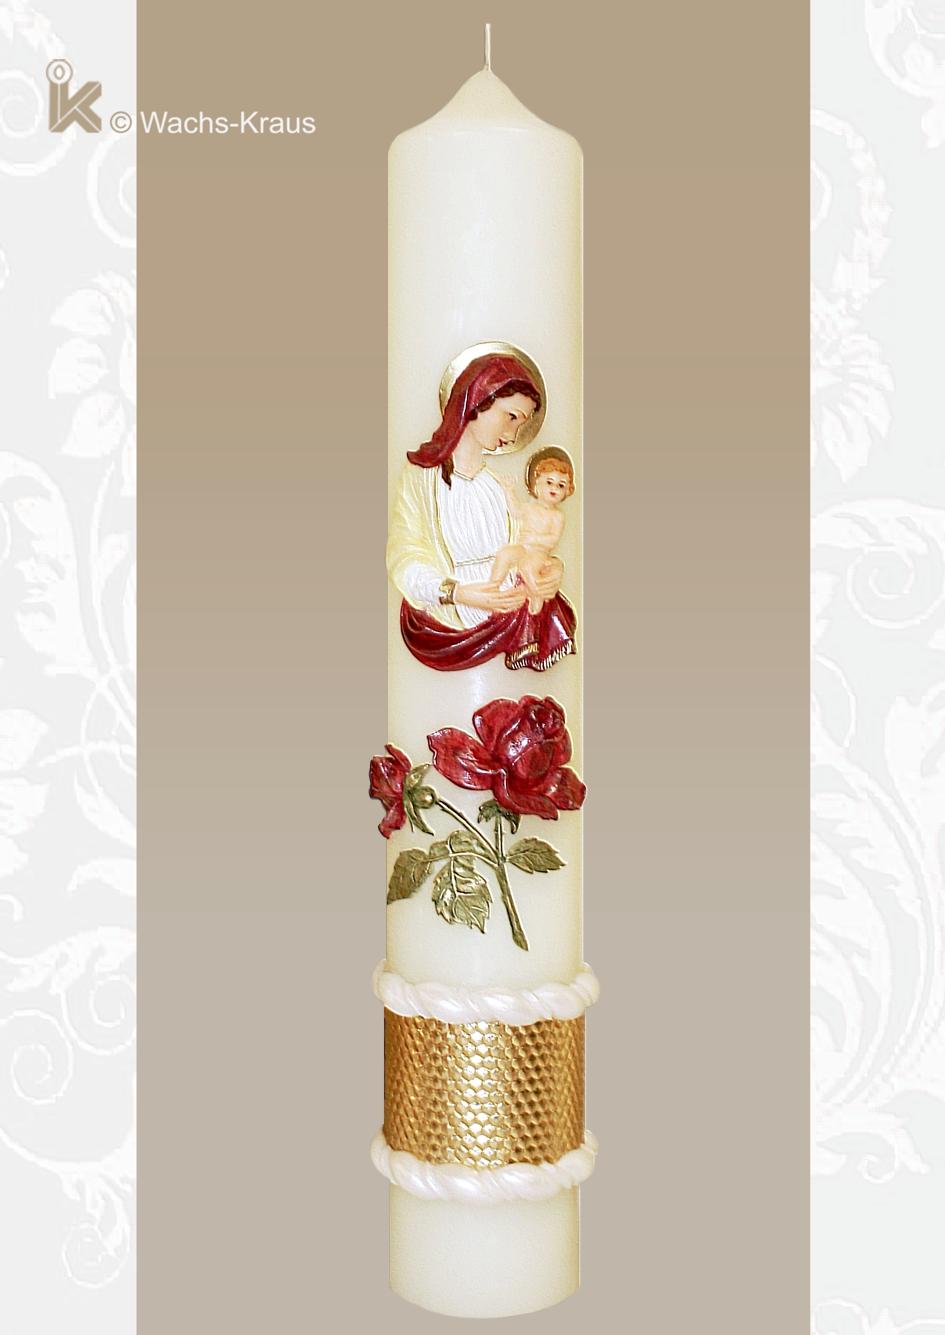 Außergewöhnlich schöne Marienkerze Mutter Gottes mit Kind, aufwendig bemaltes Blumendekor und Abschlussborte.